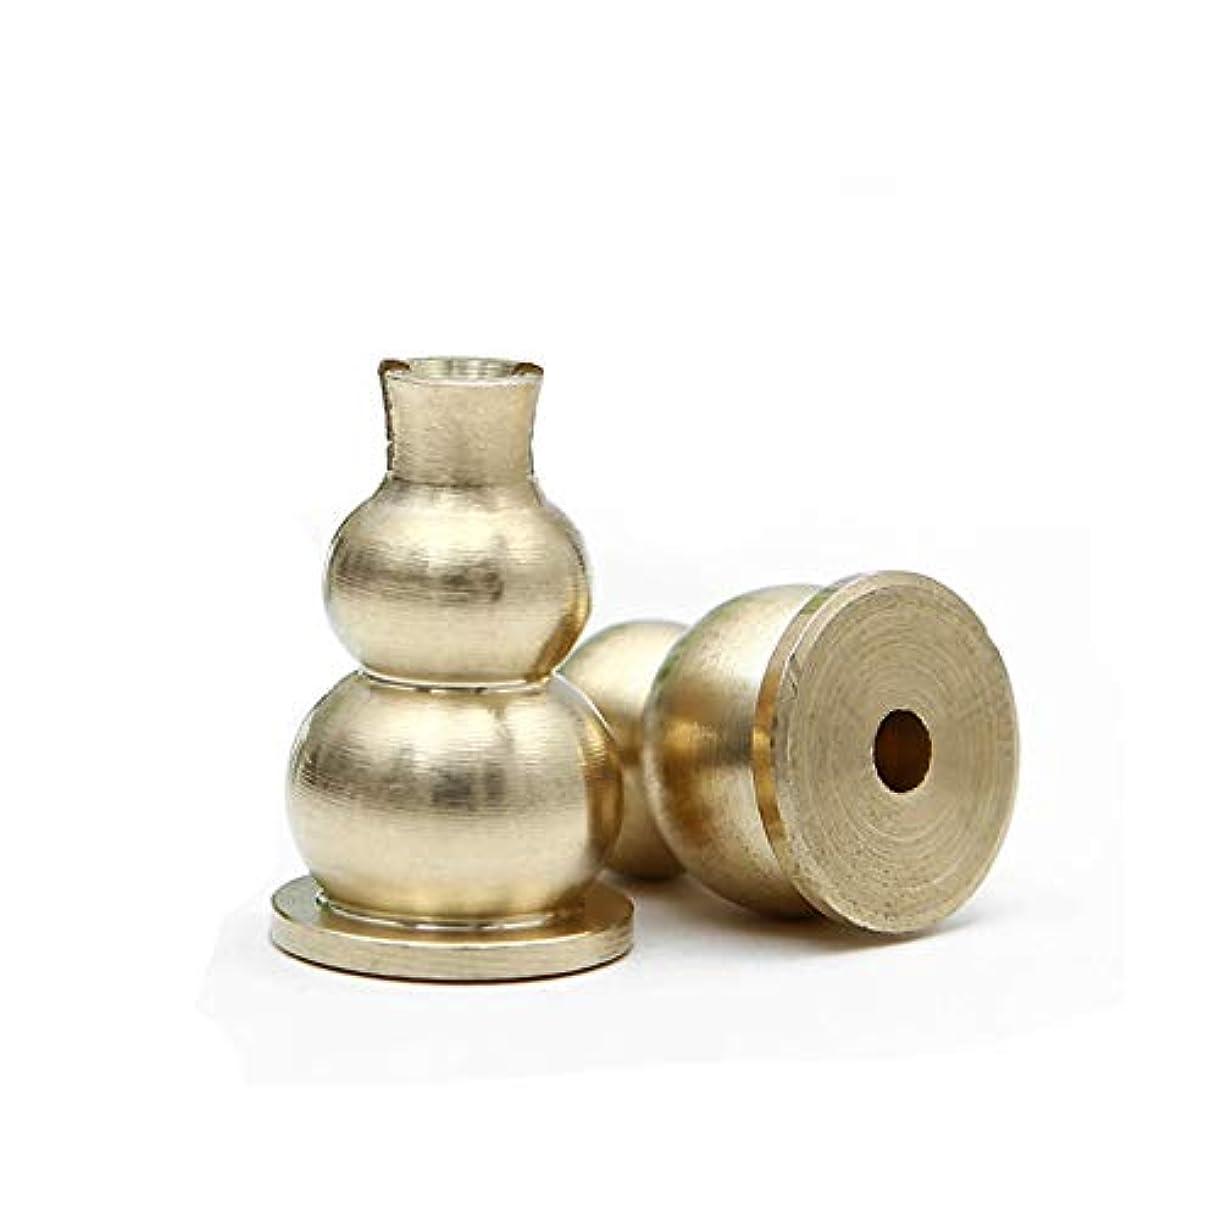 変色する聖なる解釈afzshg真鍮Mini Incense Holder and Sticksお香バーナーホルダーGourdシェイプイエロー